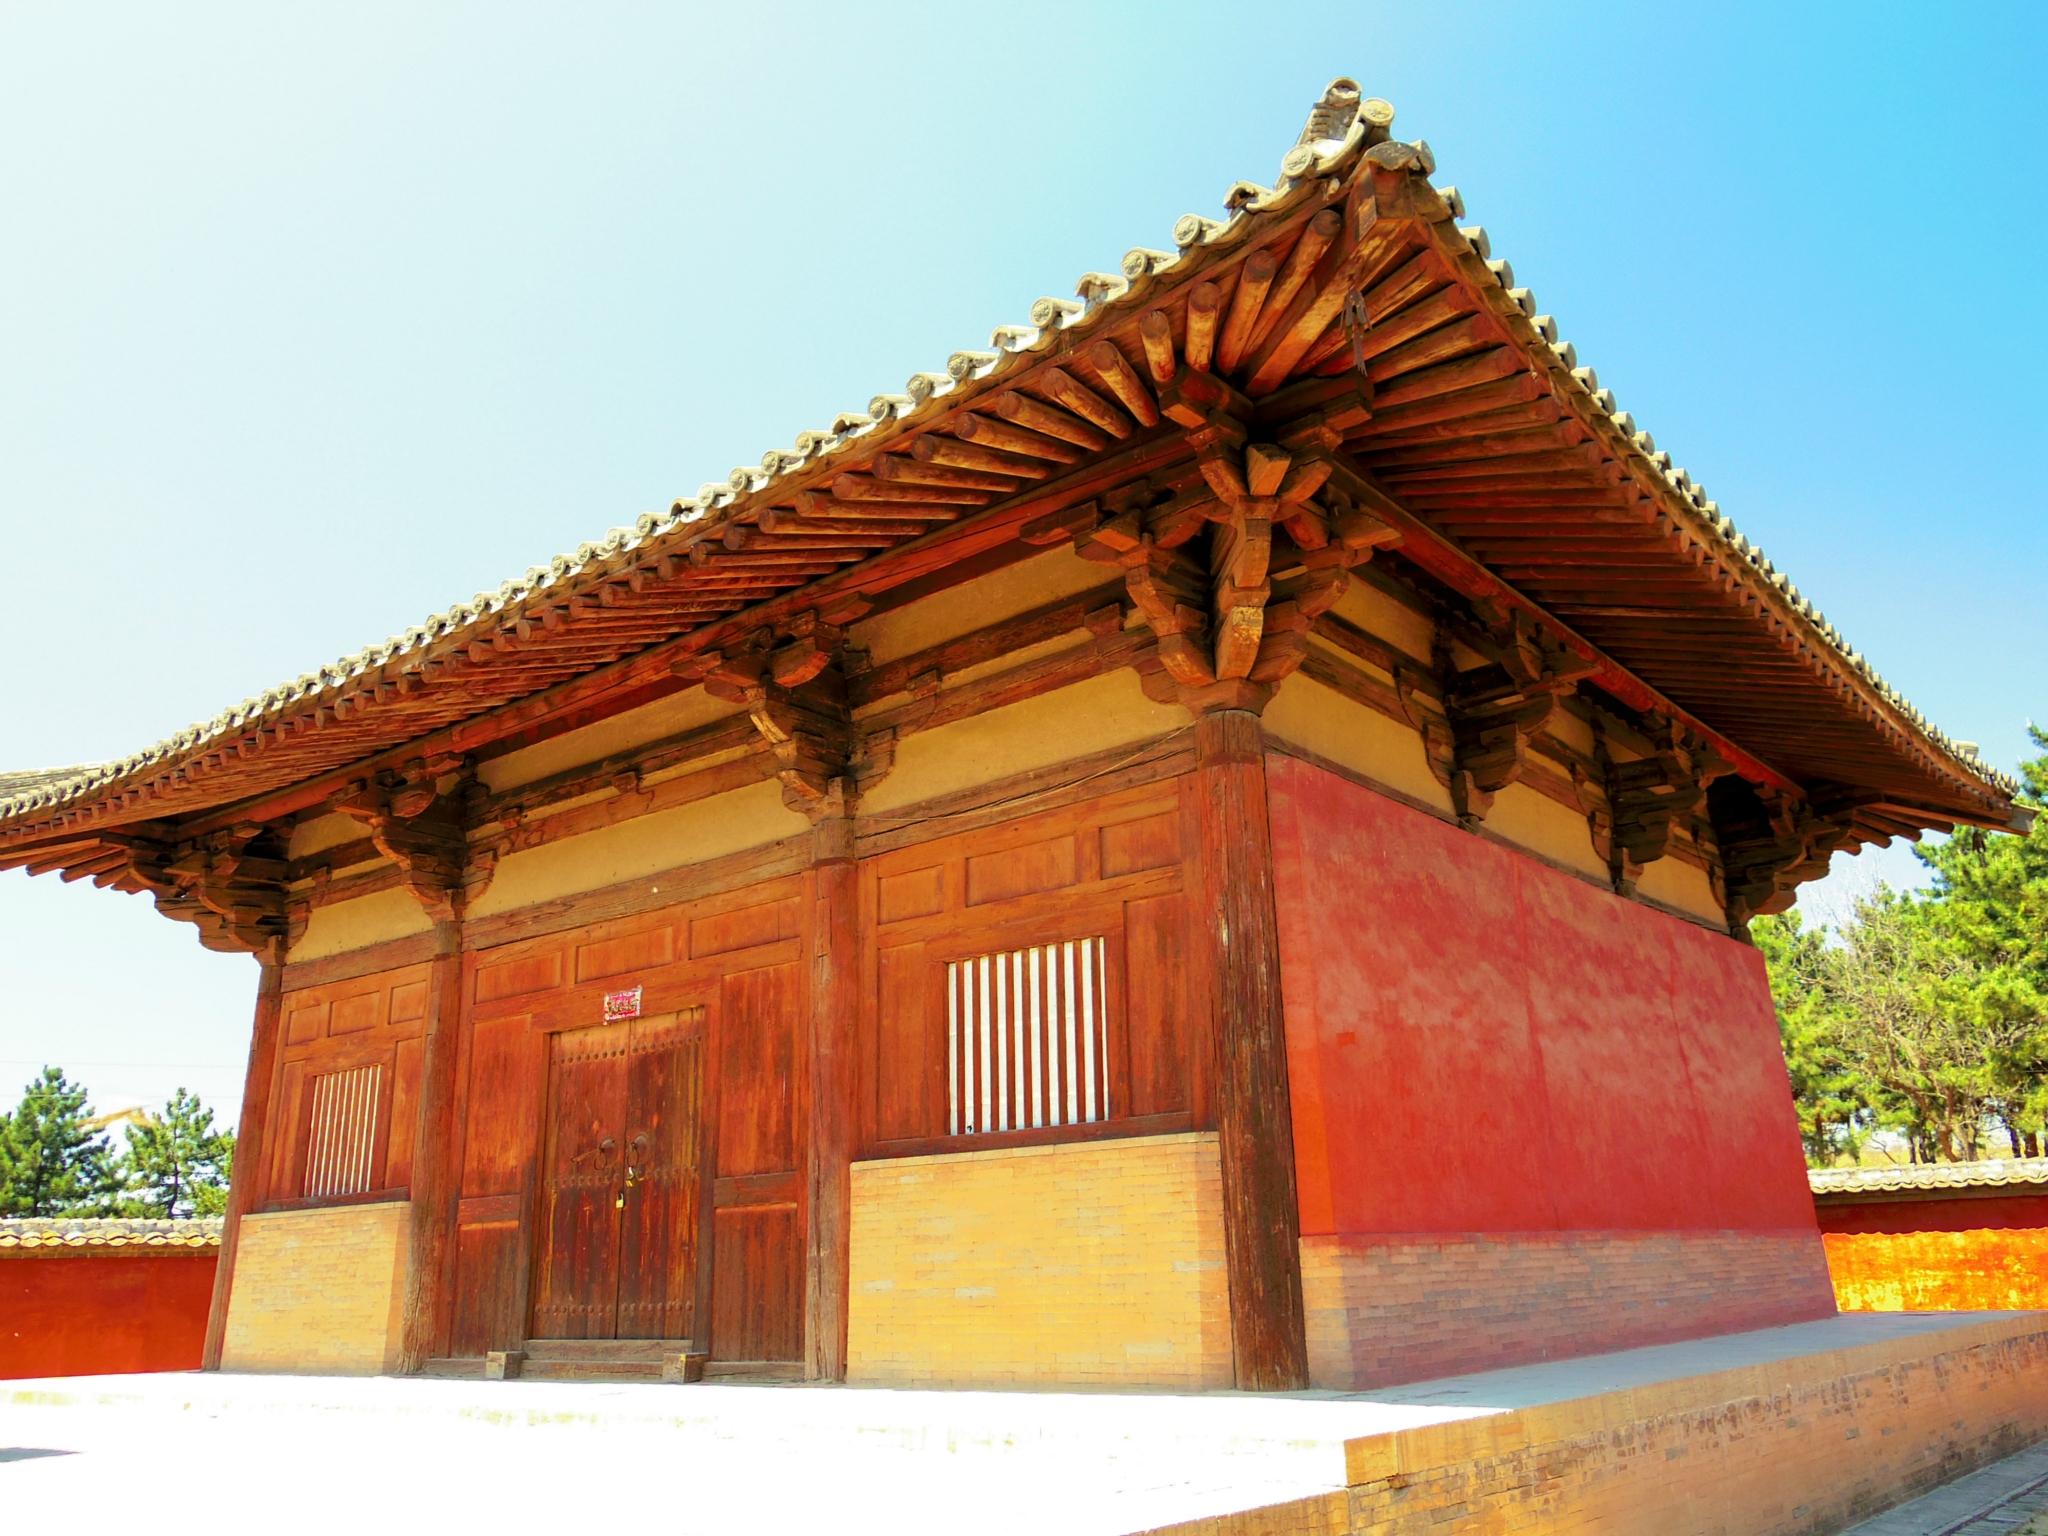 佛光寺位于山西省五台县佛光新村,是我国早期木结构建筑的典范之作。寺院的唐代建筑、雕塑、壁画、题记,并称四绝。正殿东大殿塑像、斗拱、梁架、藻井以及雕花的柱础显示了晚唐时期的特点,至今保持原有风貌,梁思成形容其为国内古建筑的第一瑰宝,也是我国封建文化遗产中最可珍贵的一件东西。 佛光寺因距离五台山中心区六十华里许,被当地人称为台外寺。它曾经是五台山著名的寺院,由于地处偏僻,不在当年战火纷飞的战场中心,及如今猎奇一游的观光客视野之内,故而主殿自唐代建造起,保留至今尚未翻新,虽然难免略显老态,却是五台山